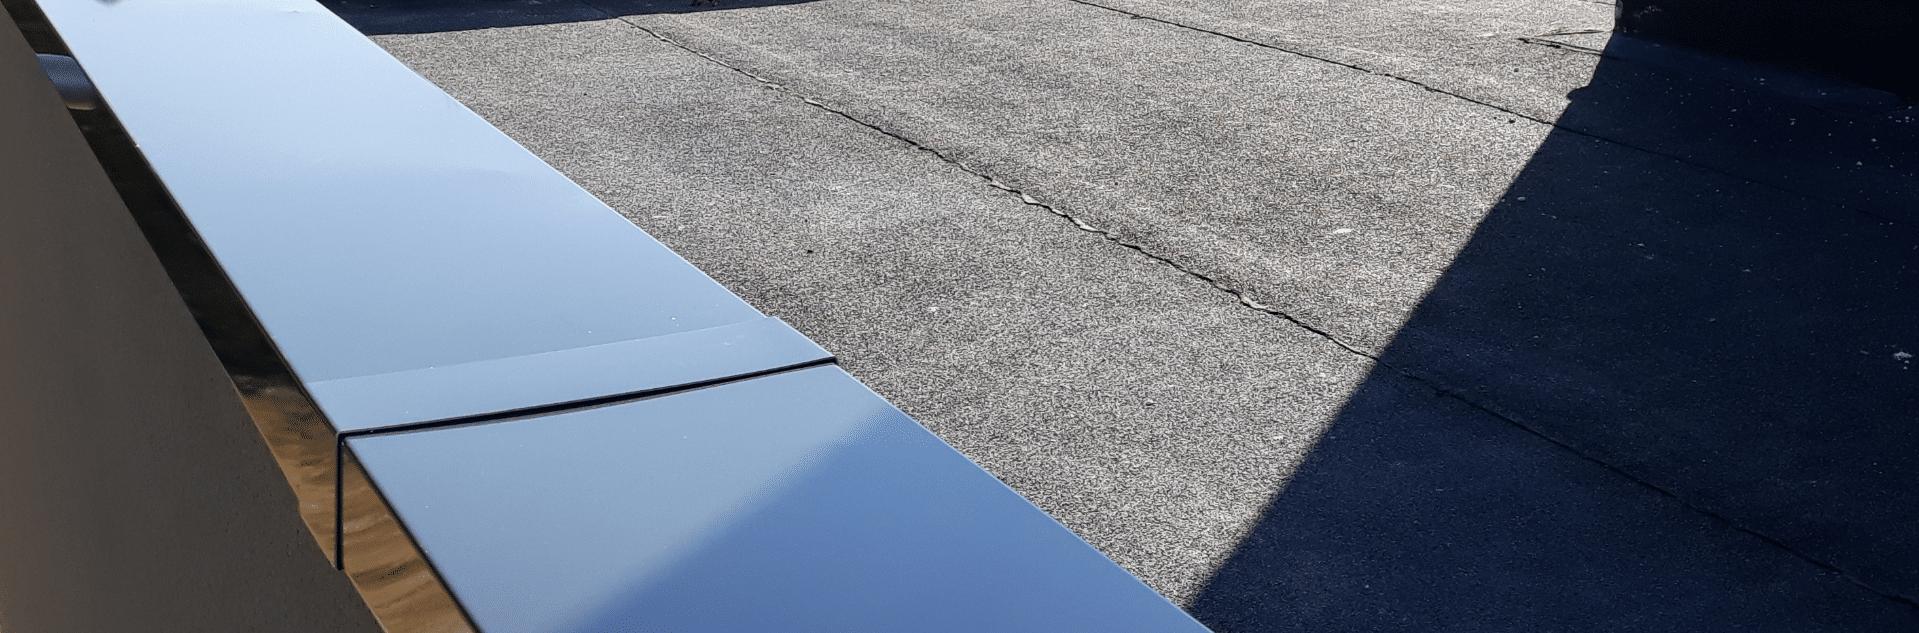 Étanchéité toit plat Ancenis - Nantes- Angers